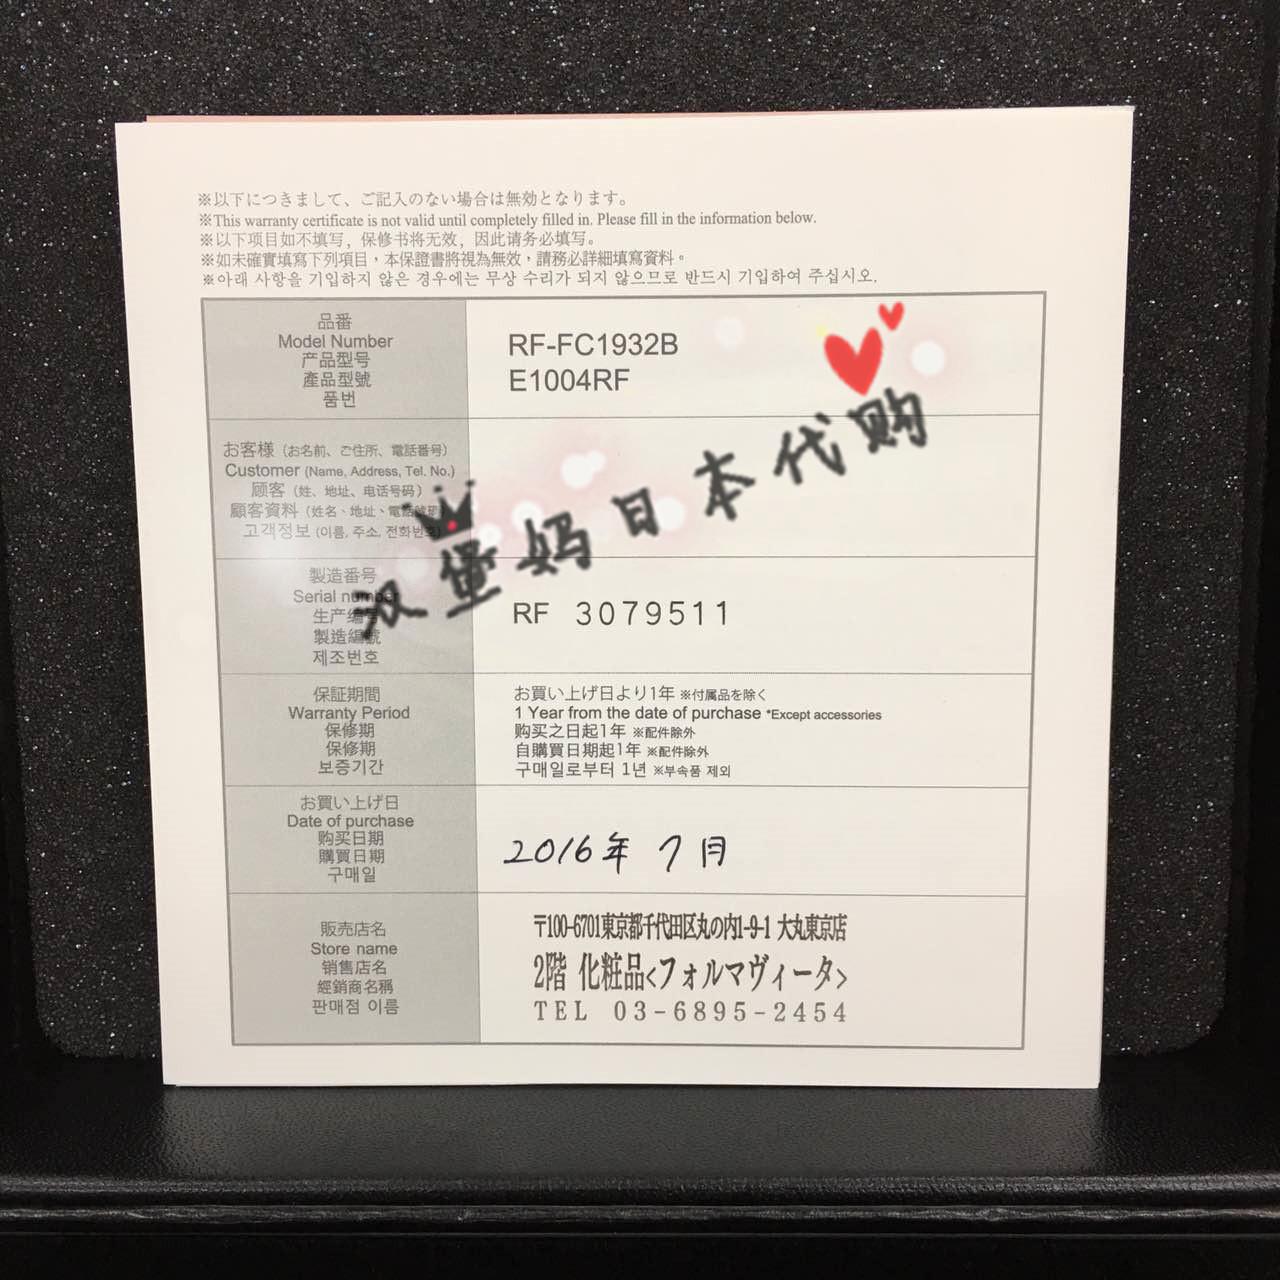 日本商场代购直邮REFA 4 CARAT微电流按摩滚四轮款瘦脸紧致 包邮